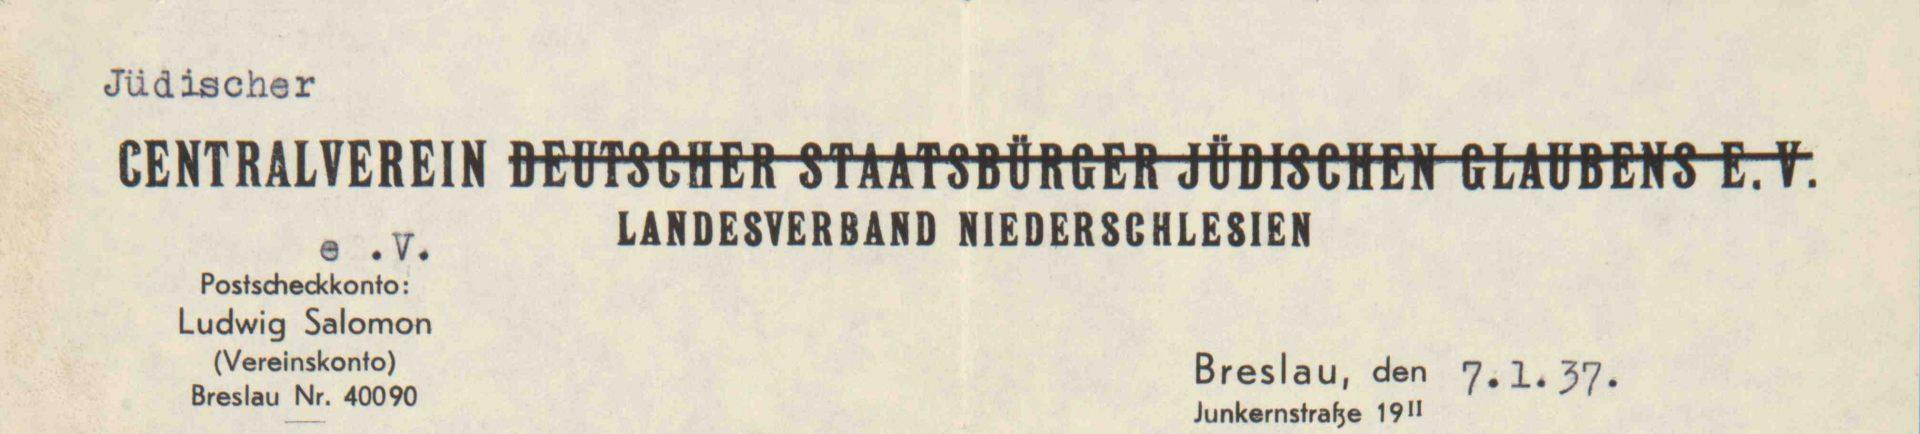 Centralverein.net